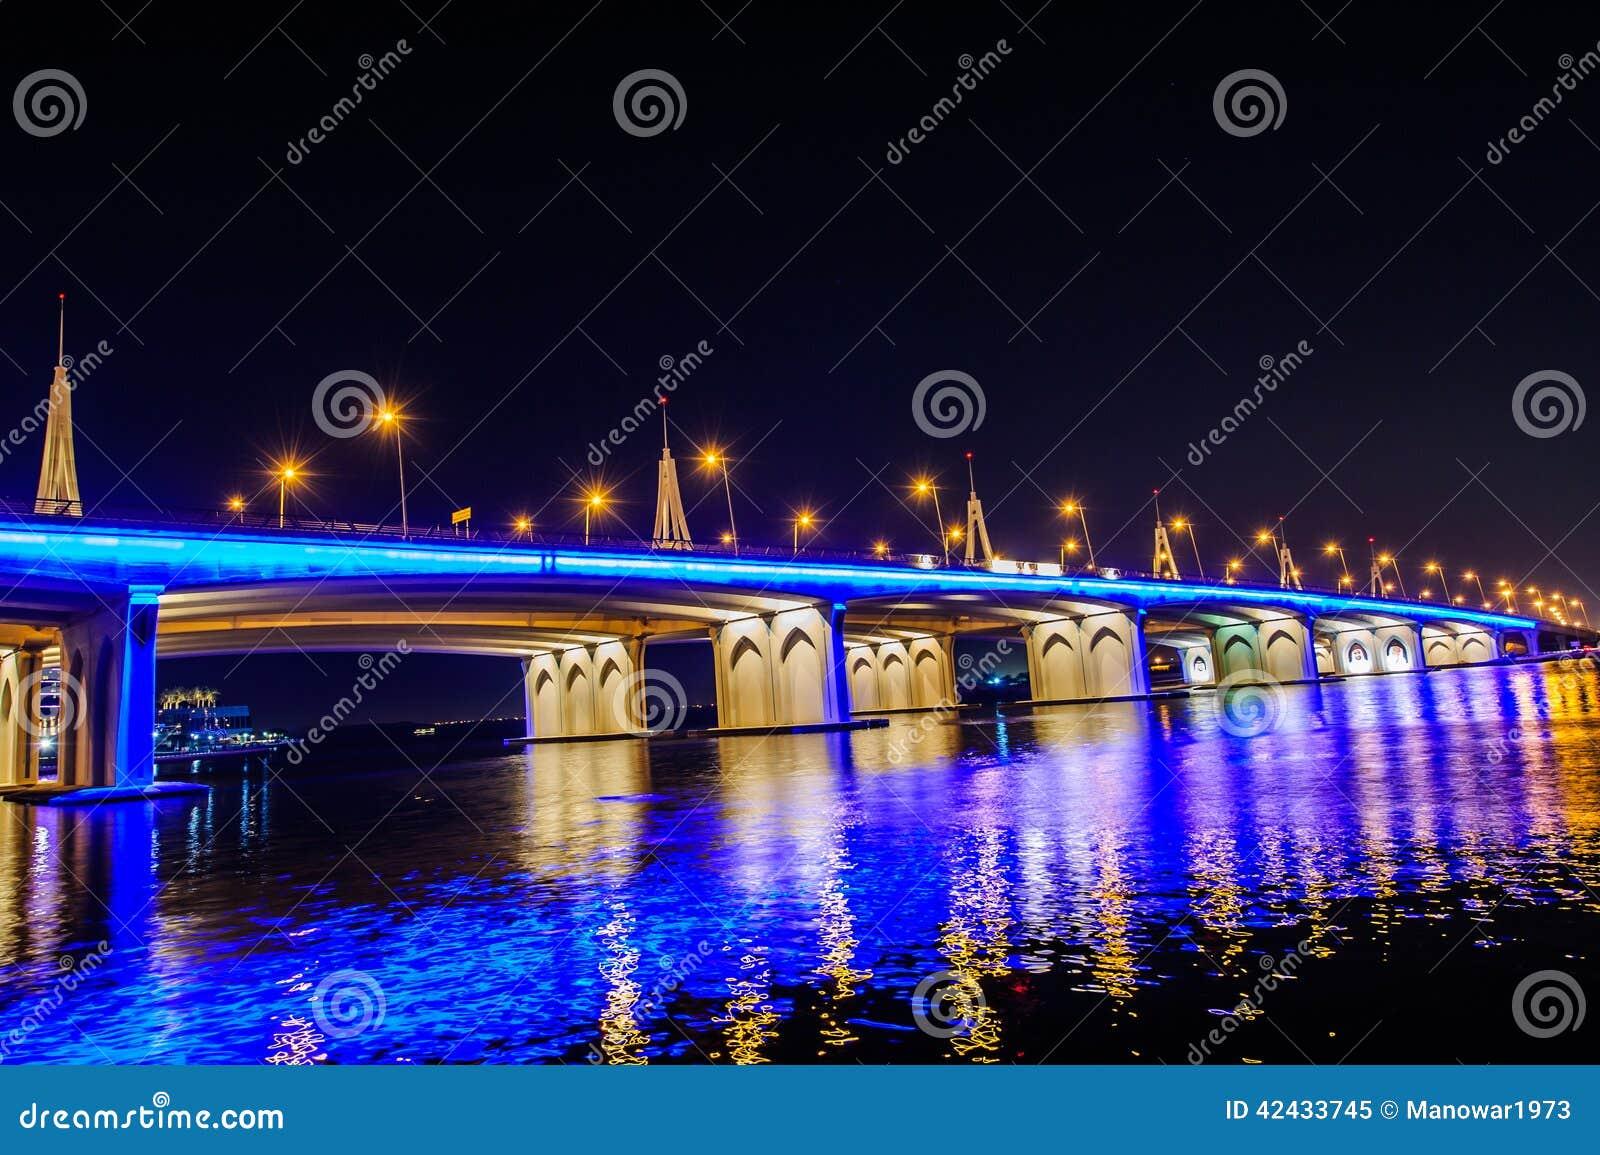 Puente de travesía de la bahía de Biseness, Dubai, UAE